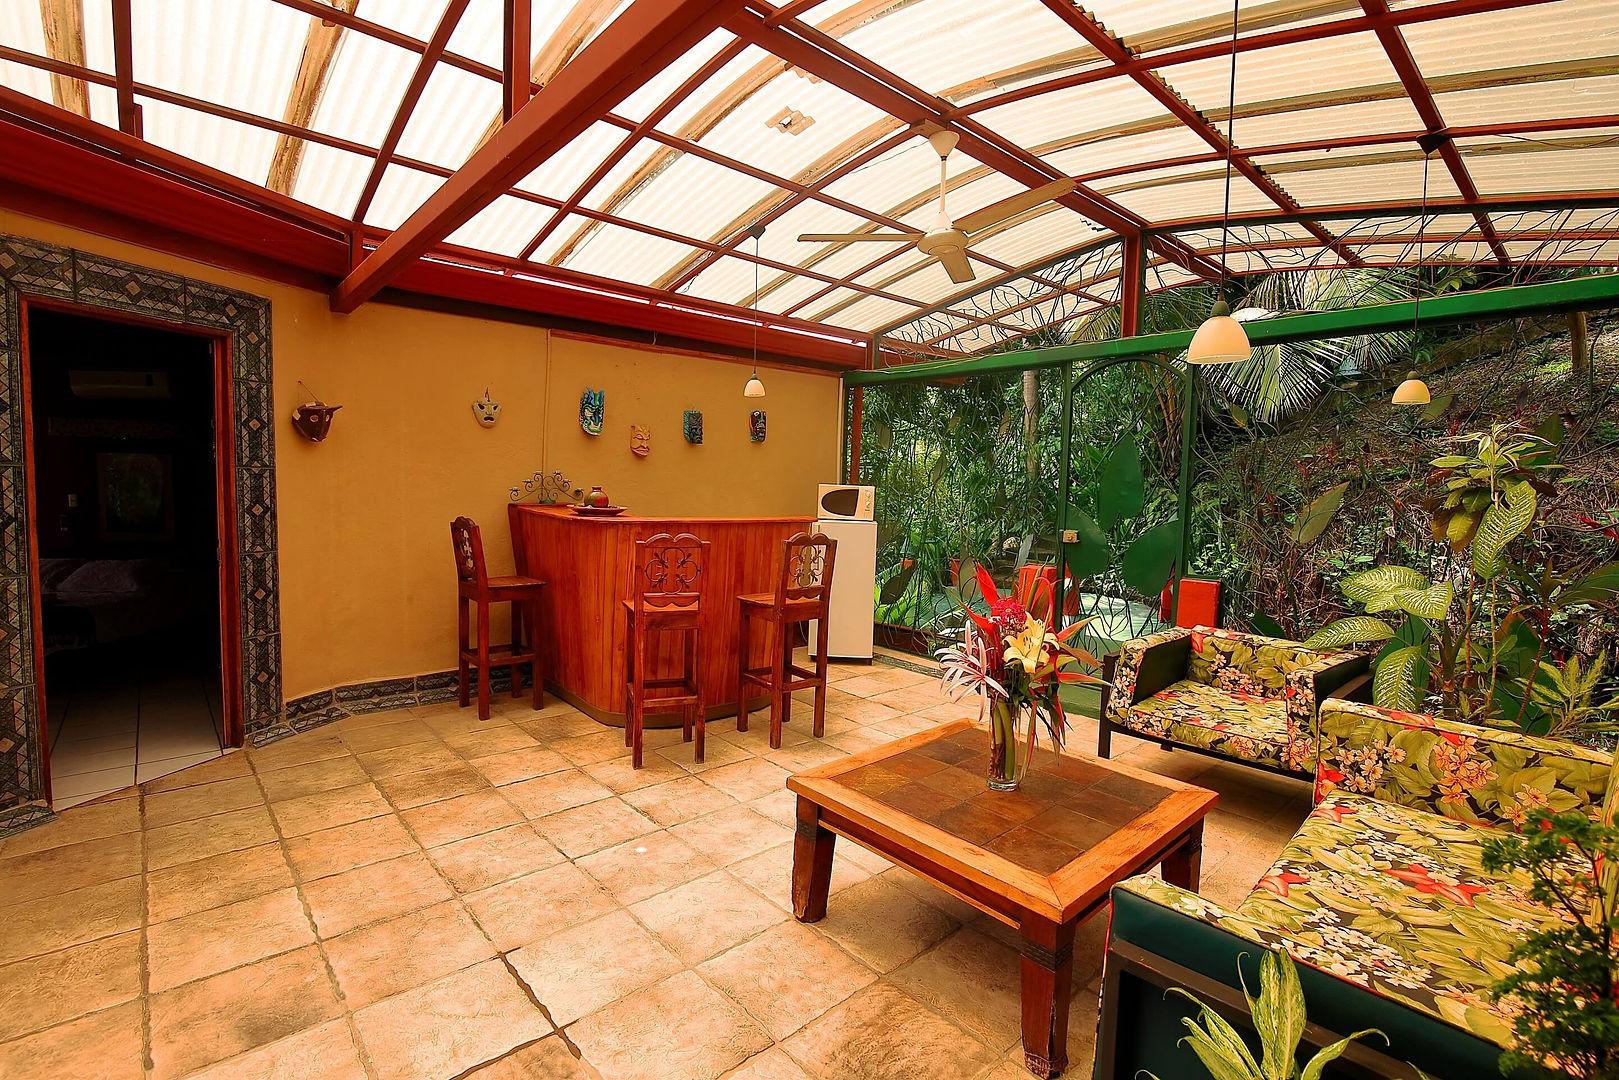 One Bedroom Suite, Las cascadas The Falls, Condotel Las Cascadas, The Falls, Manuel Antonio, Quepos, Costa Rica